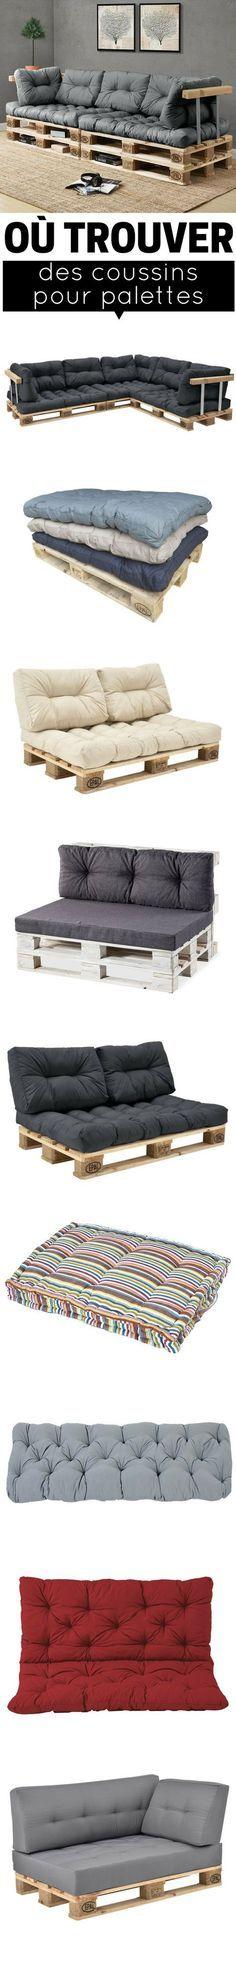 Où trouver des coussins pour palettes ? Des coussins adaptés et aux bonnes dimensions pour les canapés en palettes et les salons de jardin en palettes. http://www.homelisty.com/coussin-pour-palette/